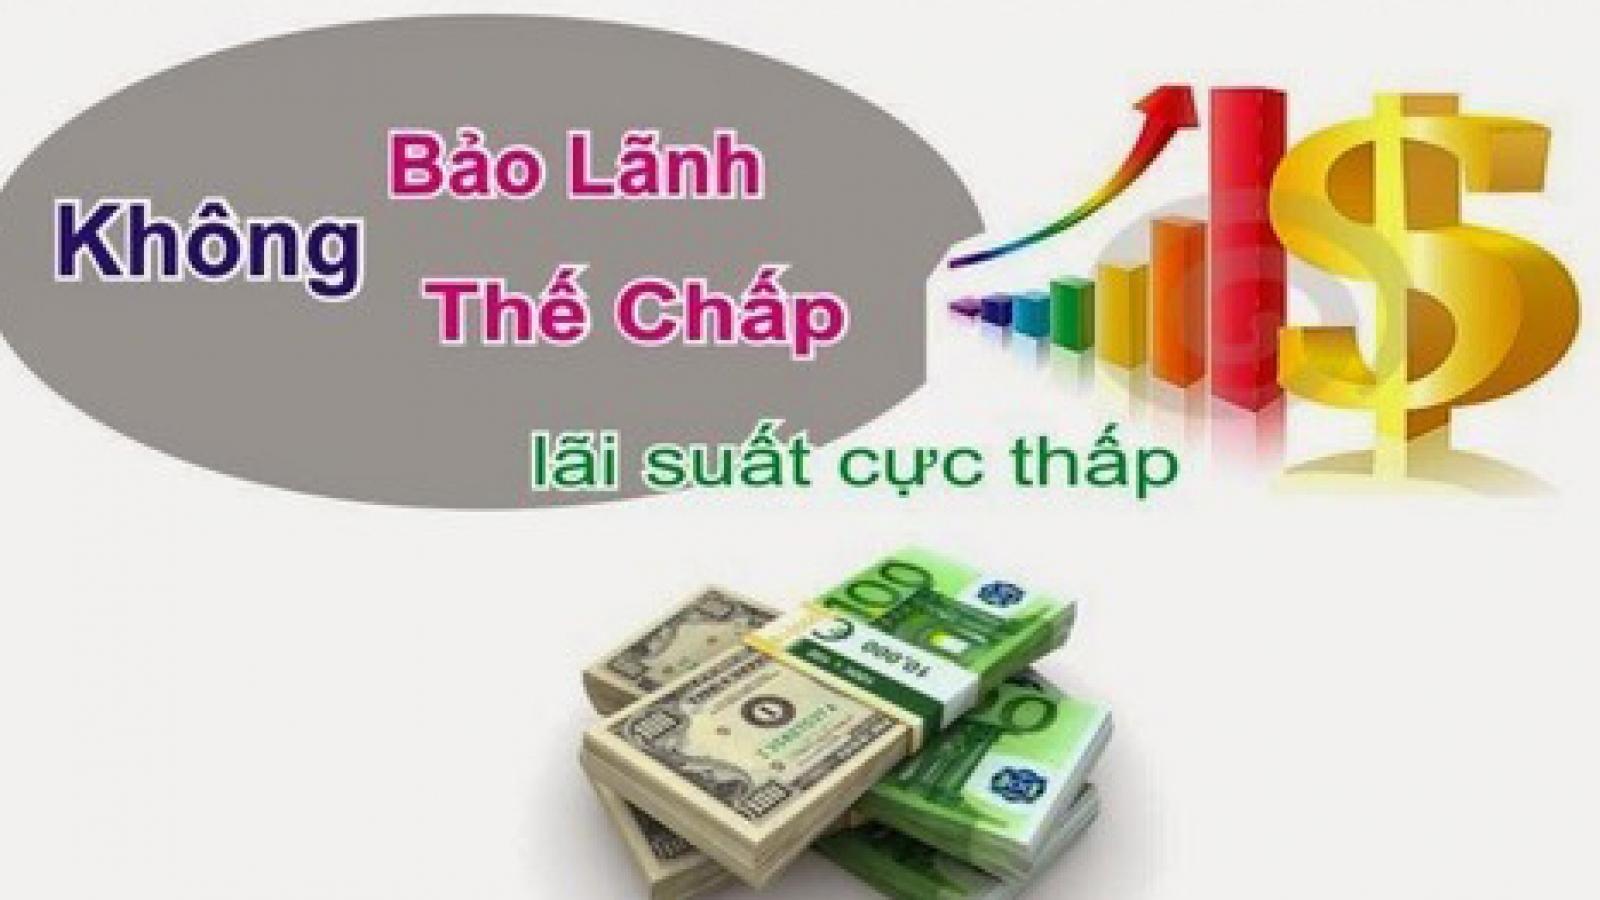 Vay tiền của công ty tài chính: Cẩn trọng với mức lãi suất cắt cổ